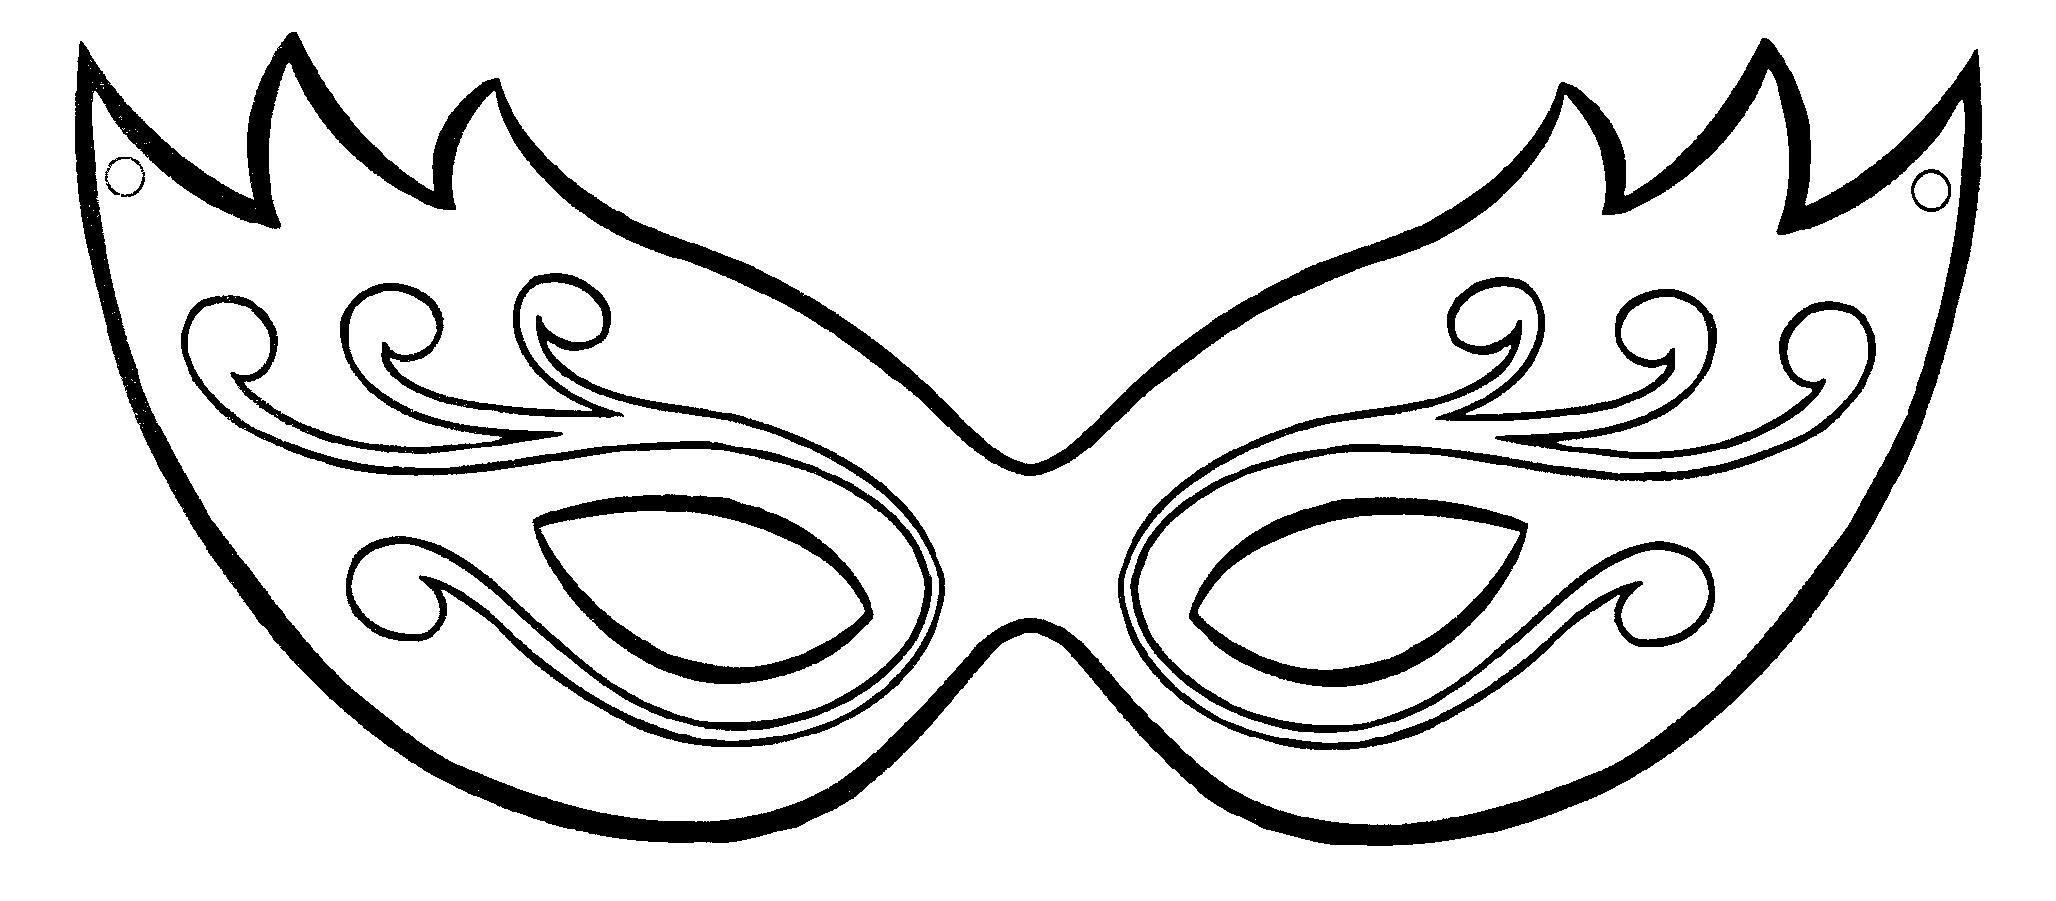 Moldes de máscara de carnaval | Heno, Dibujo y Ems